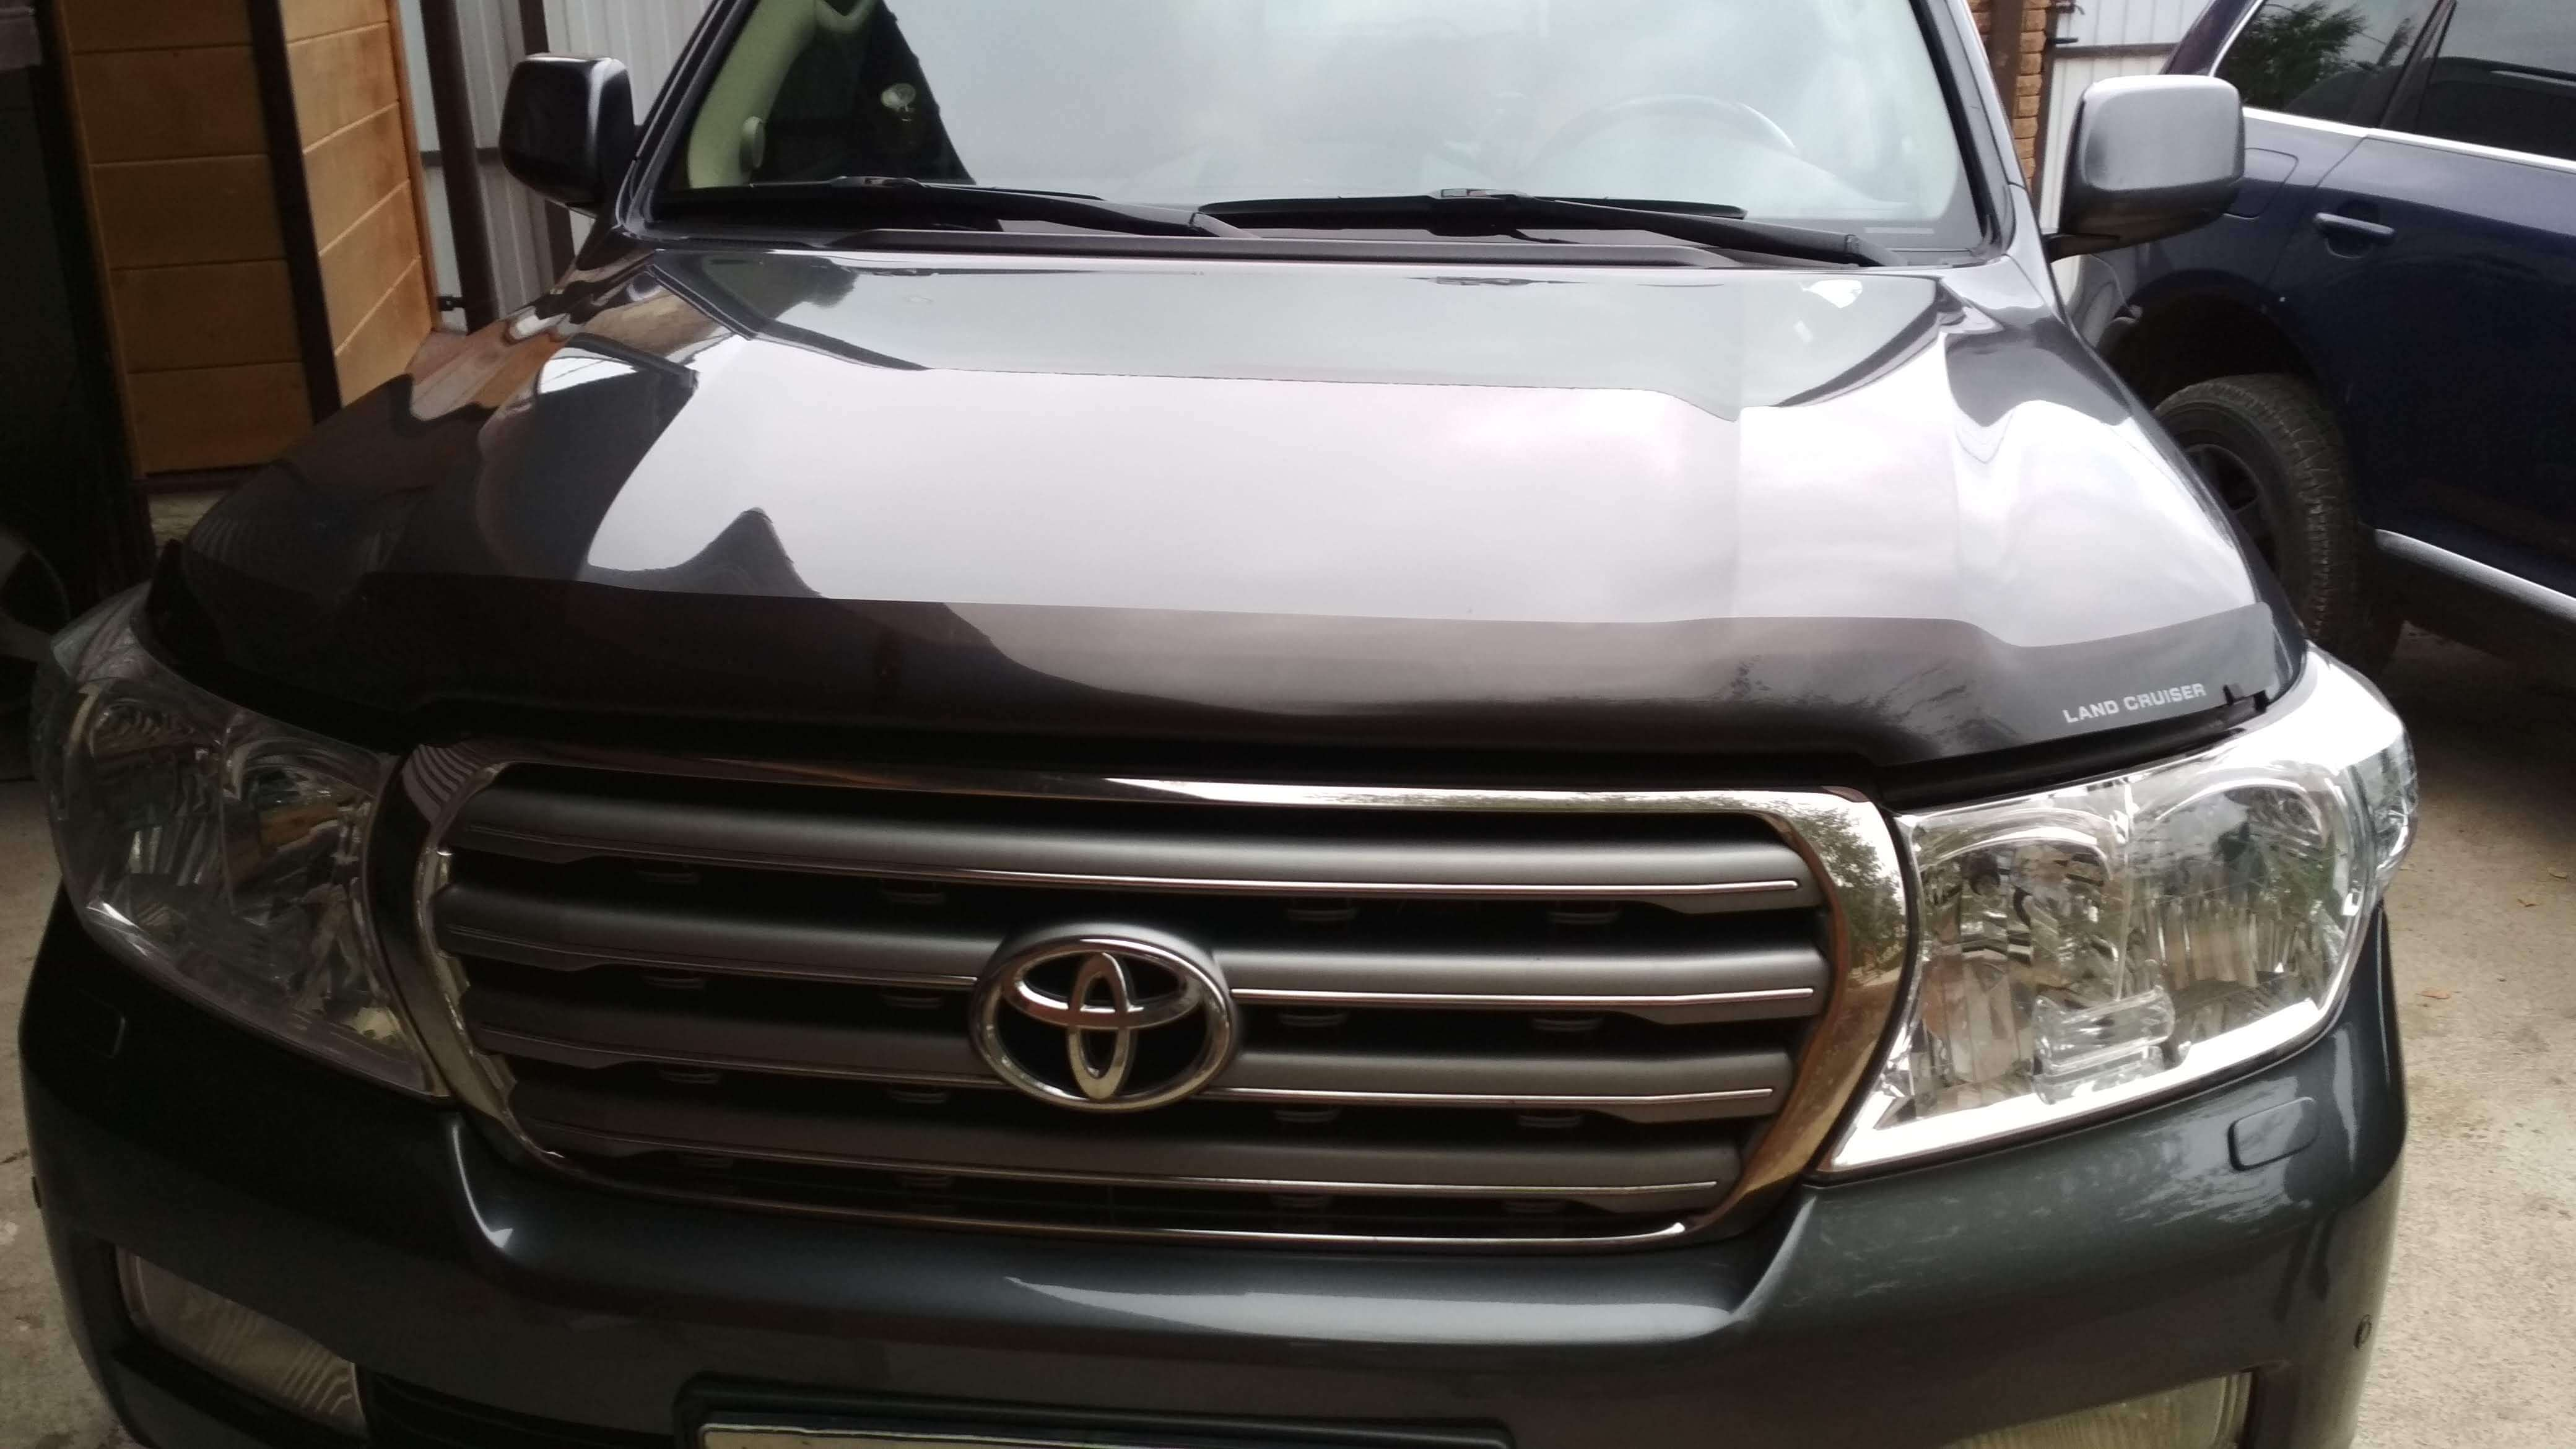 Чип тюнинг с отключением ЕГР Toyota LC200 4.5 дизель